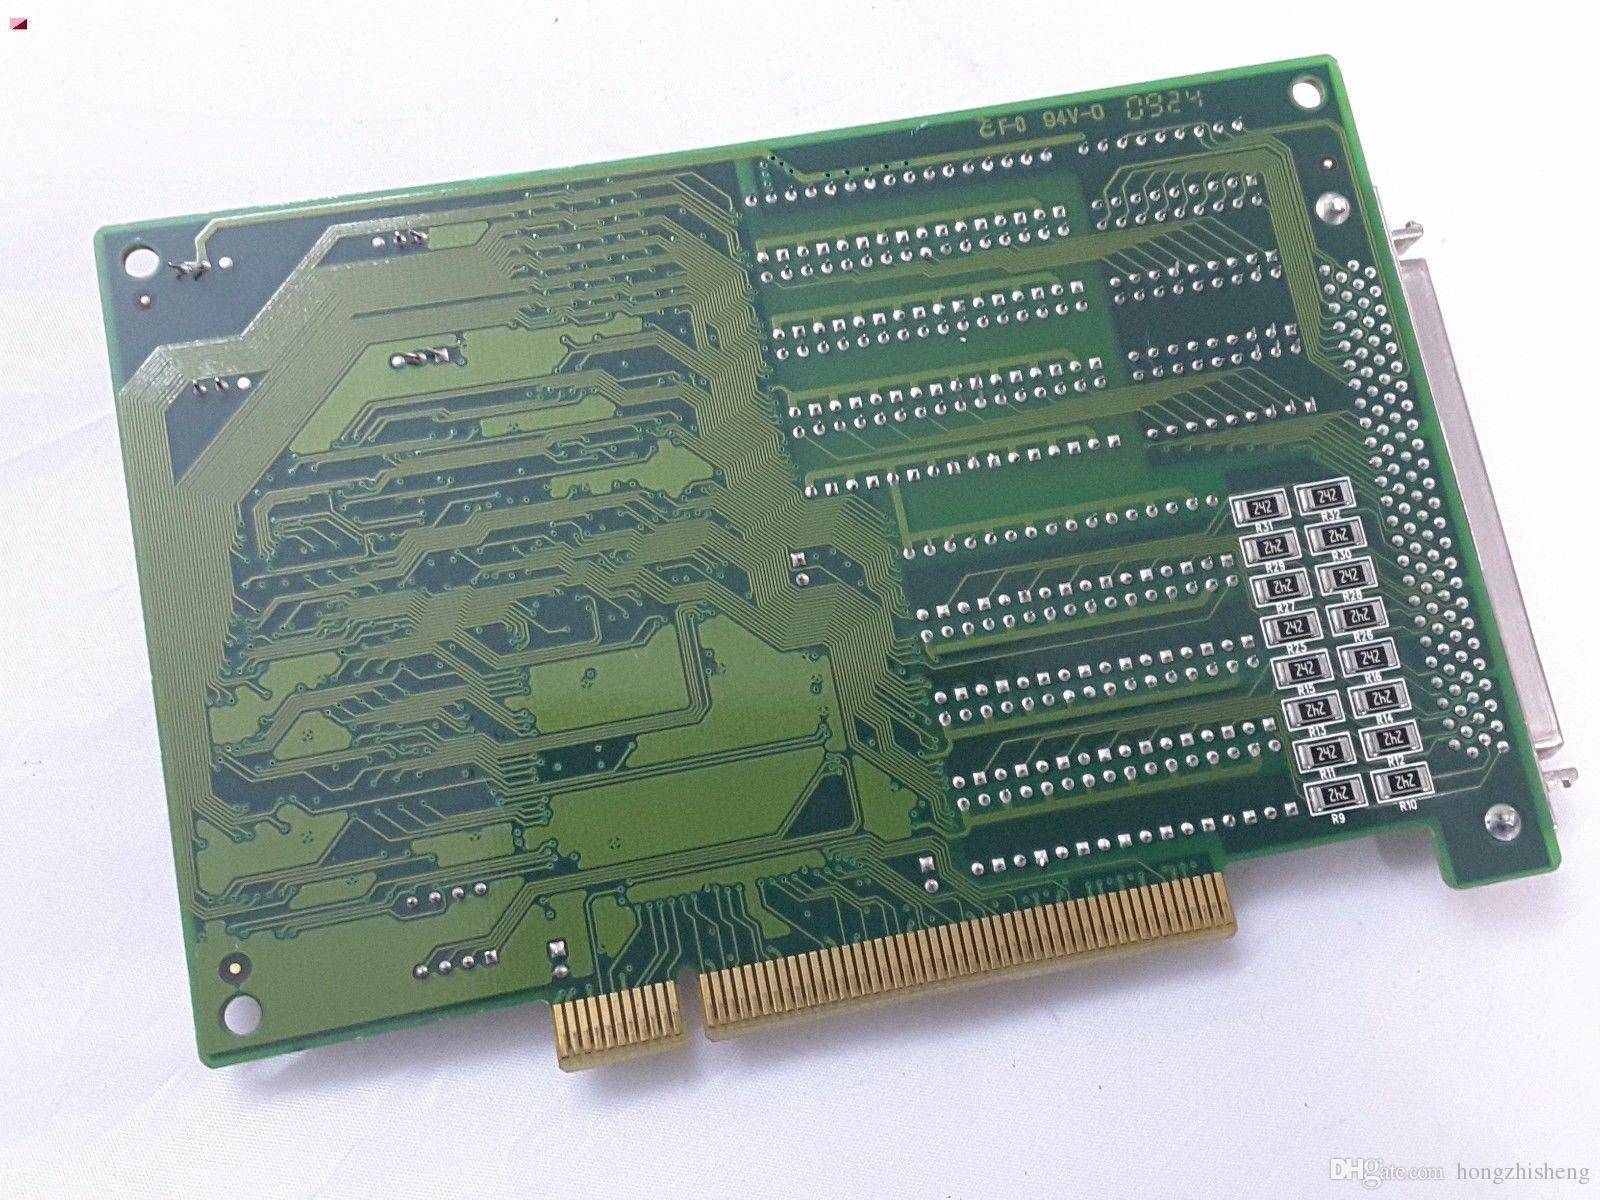 Оригинальная карта ввода-вывода Borad PCI-7432 64-канальная изоляция высокоскоростной цифровой карты ввода-вывода PCI-7432HIR